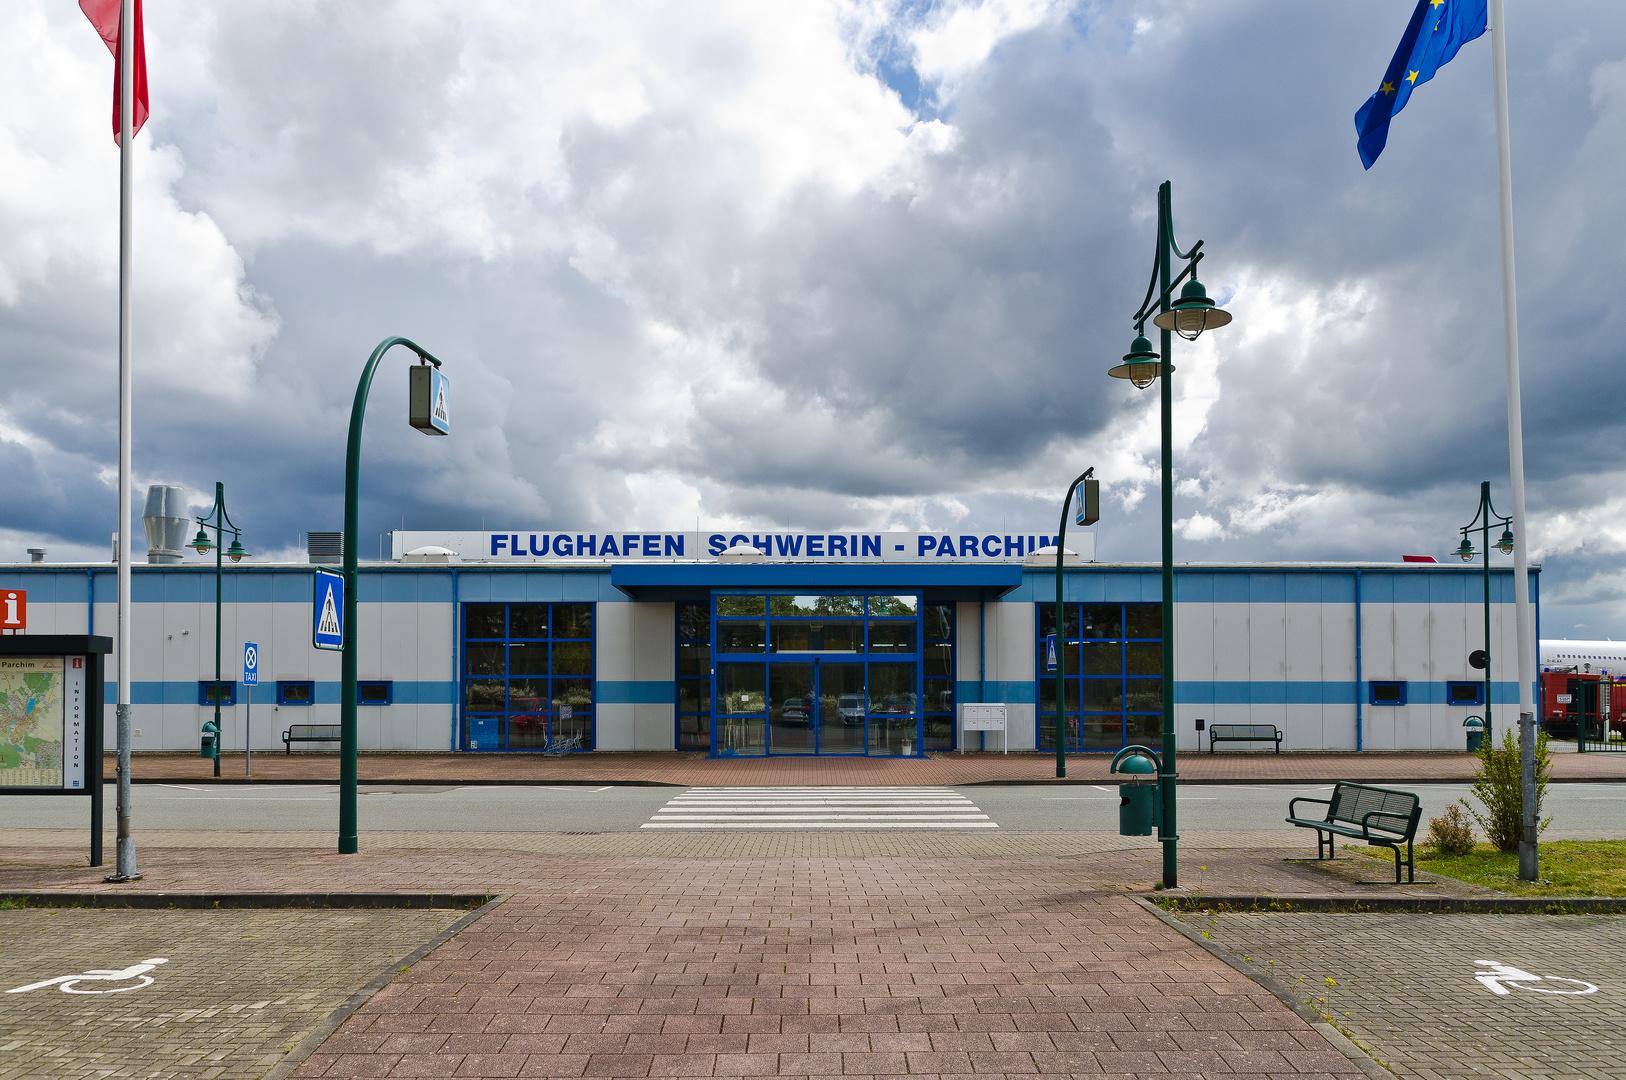 Flughafen Schwerin - Parchim